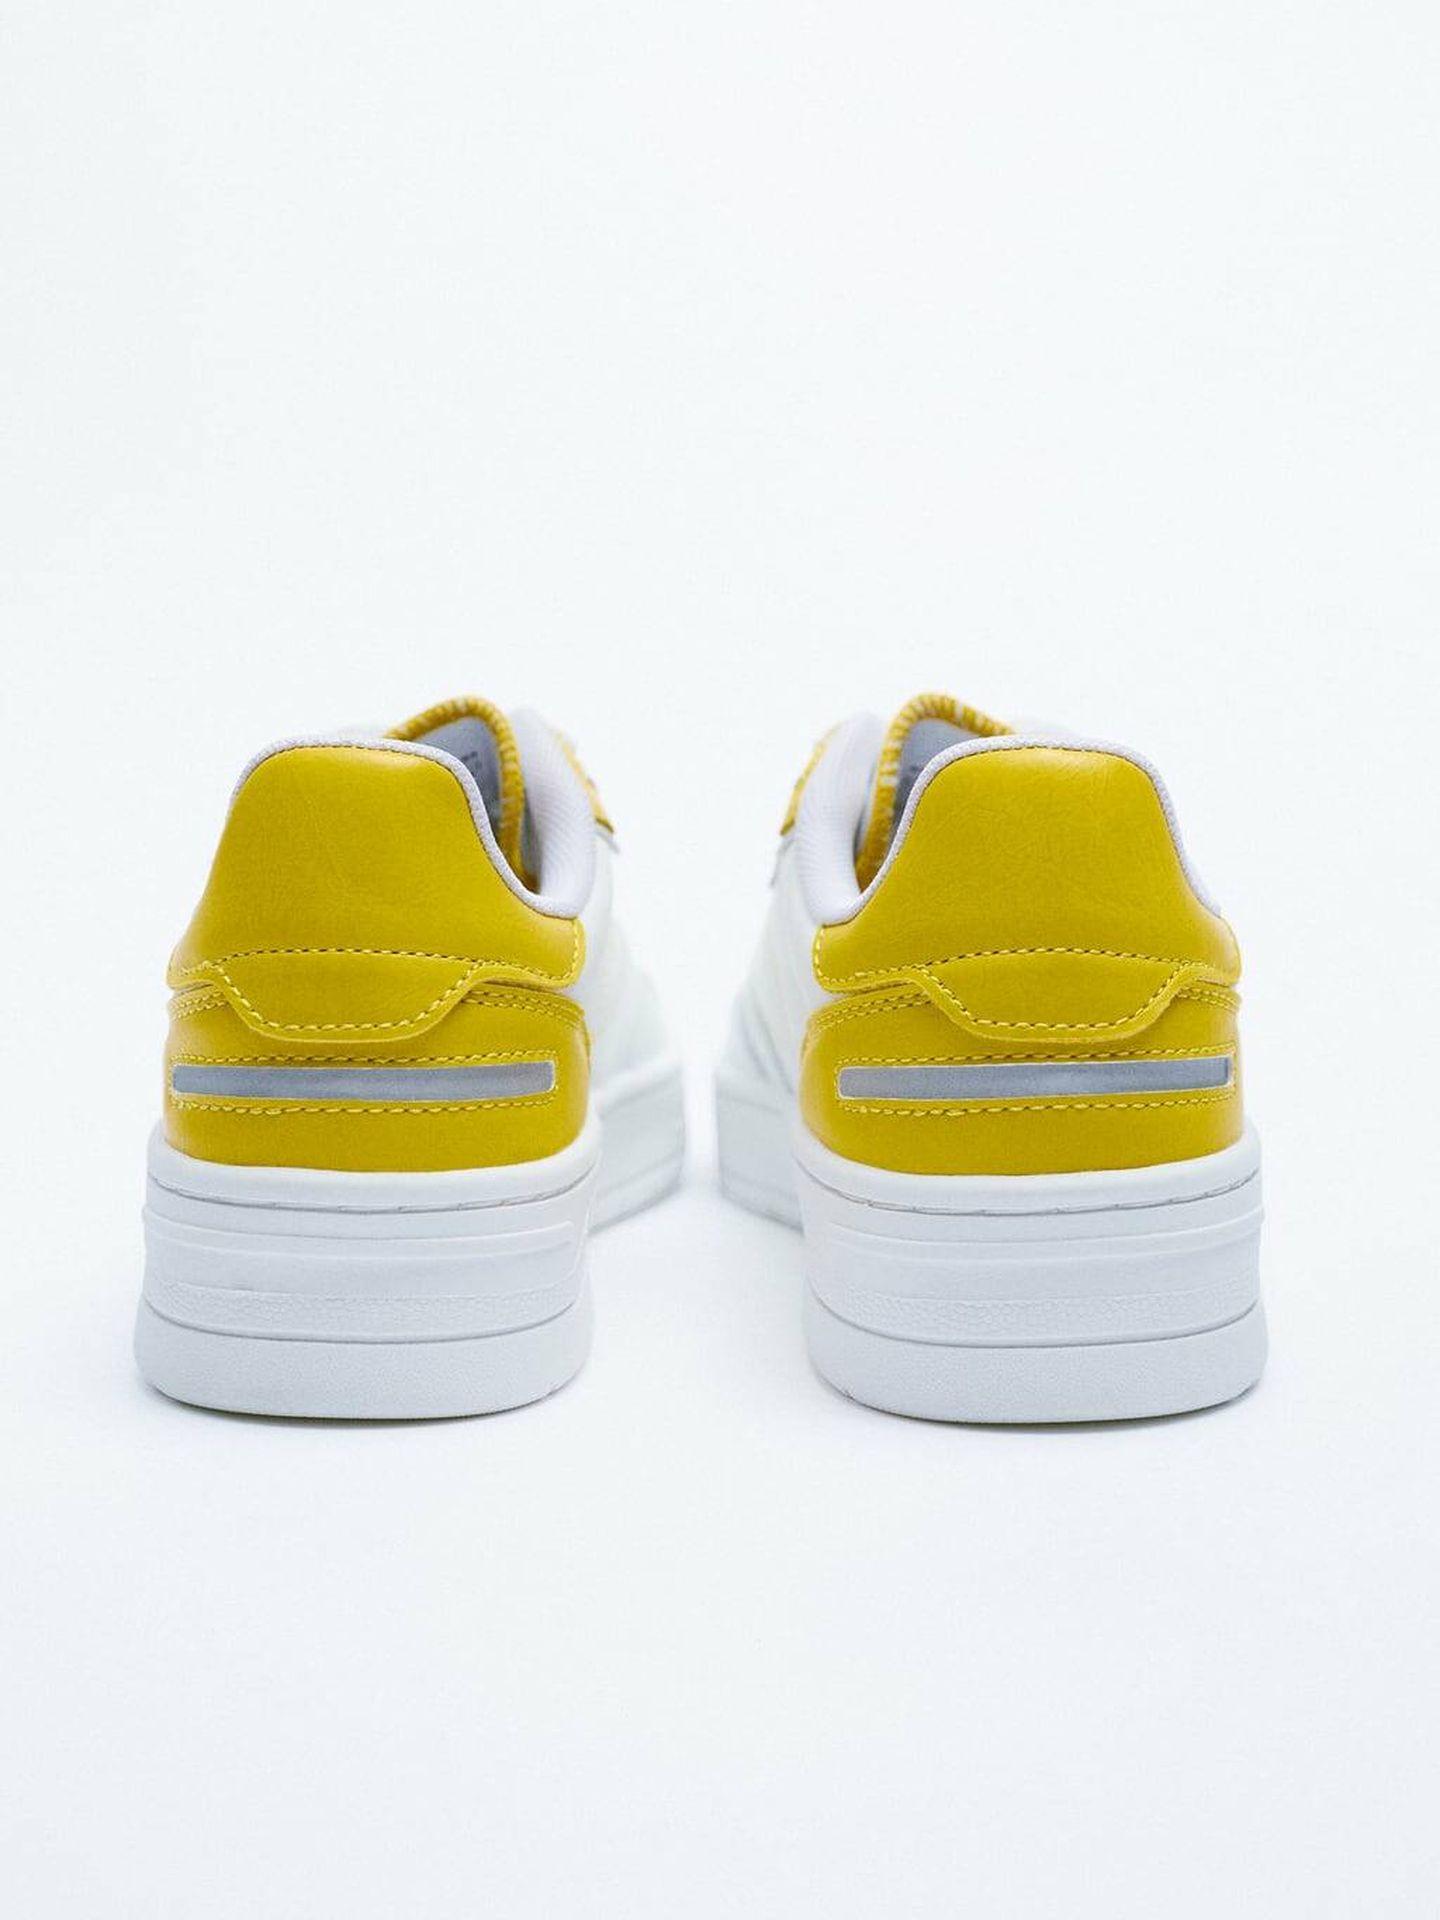 Zapatillas deportivas blancas de Zara. (Cortesía)